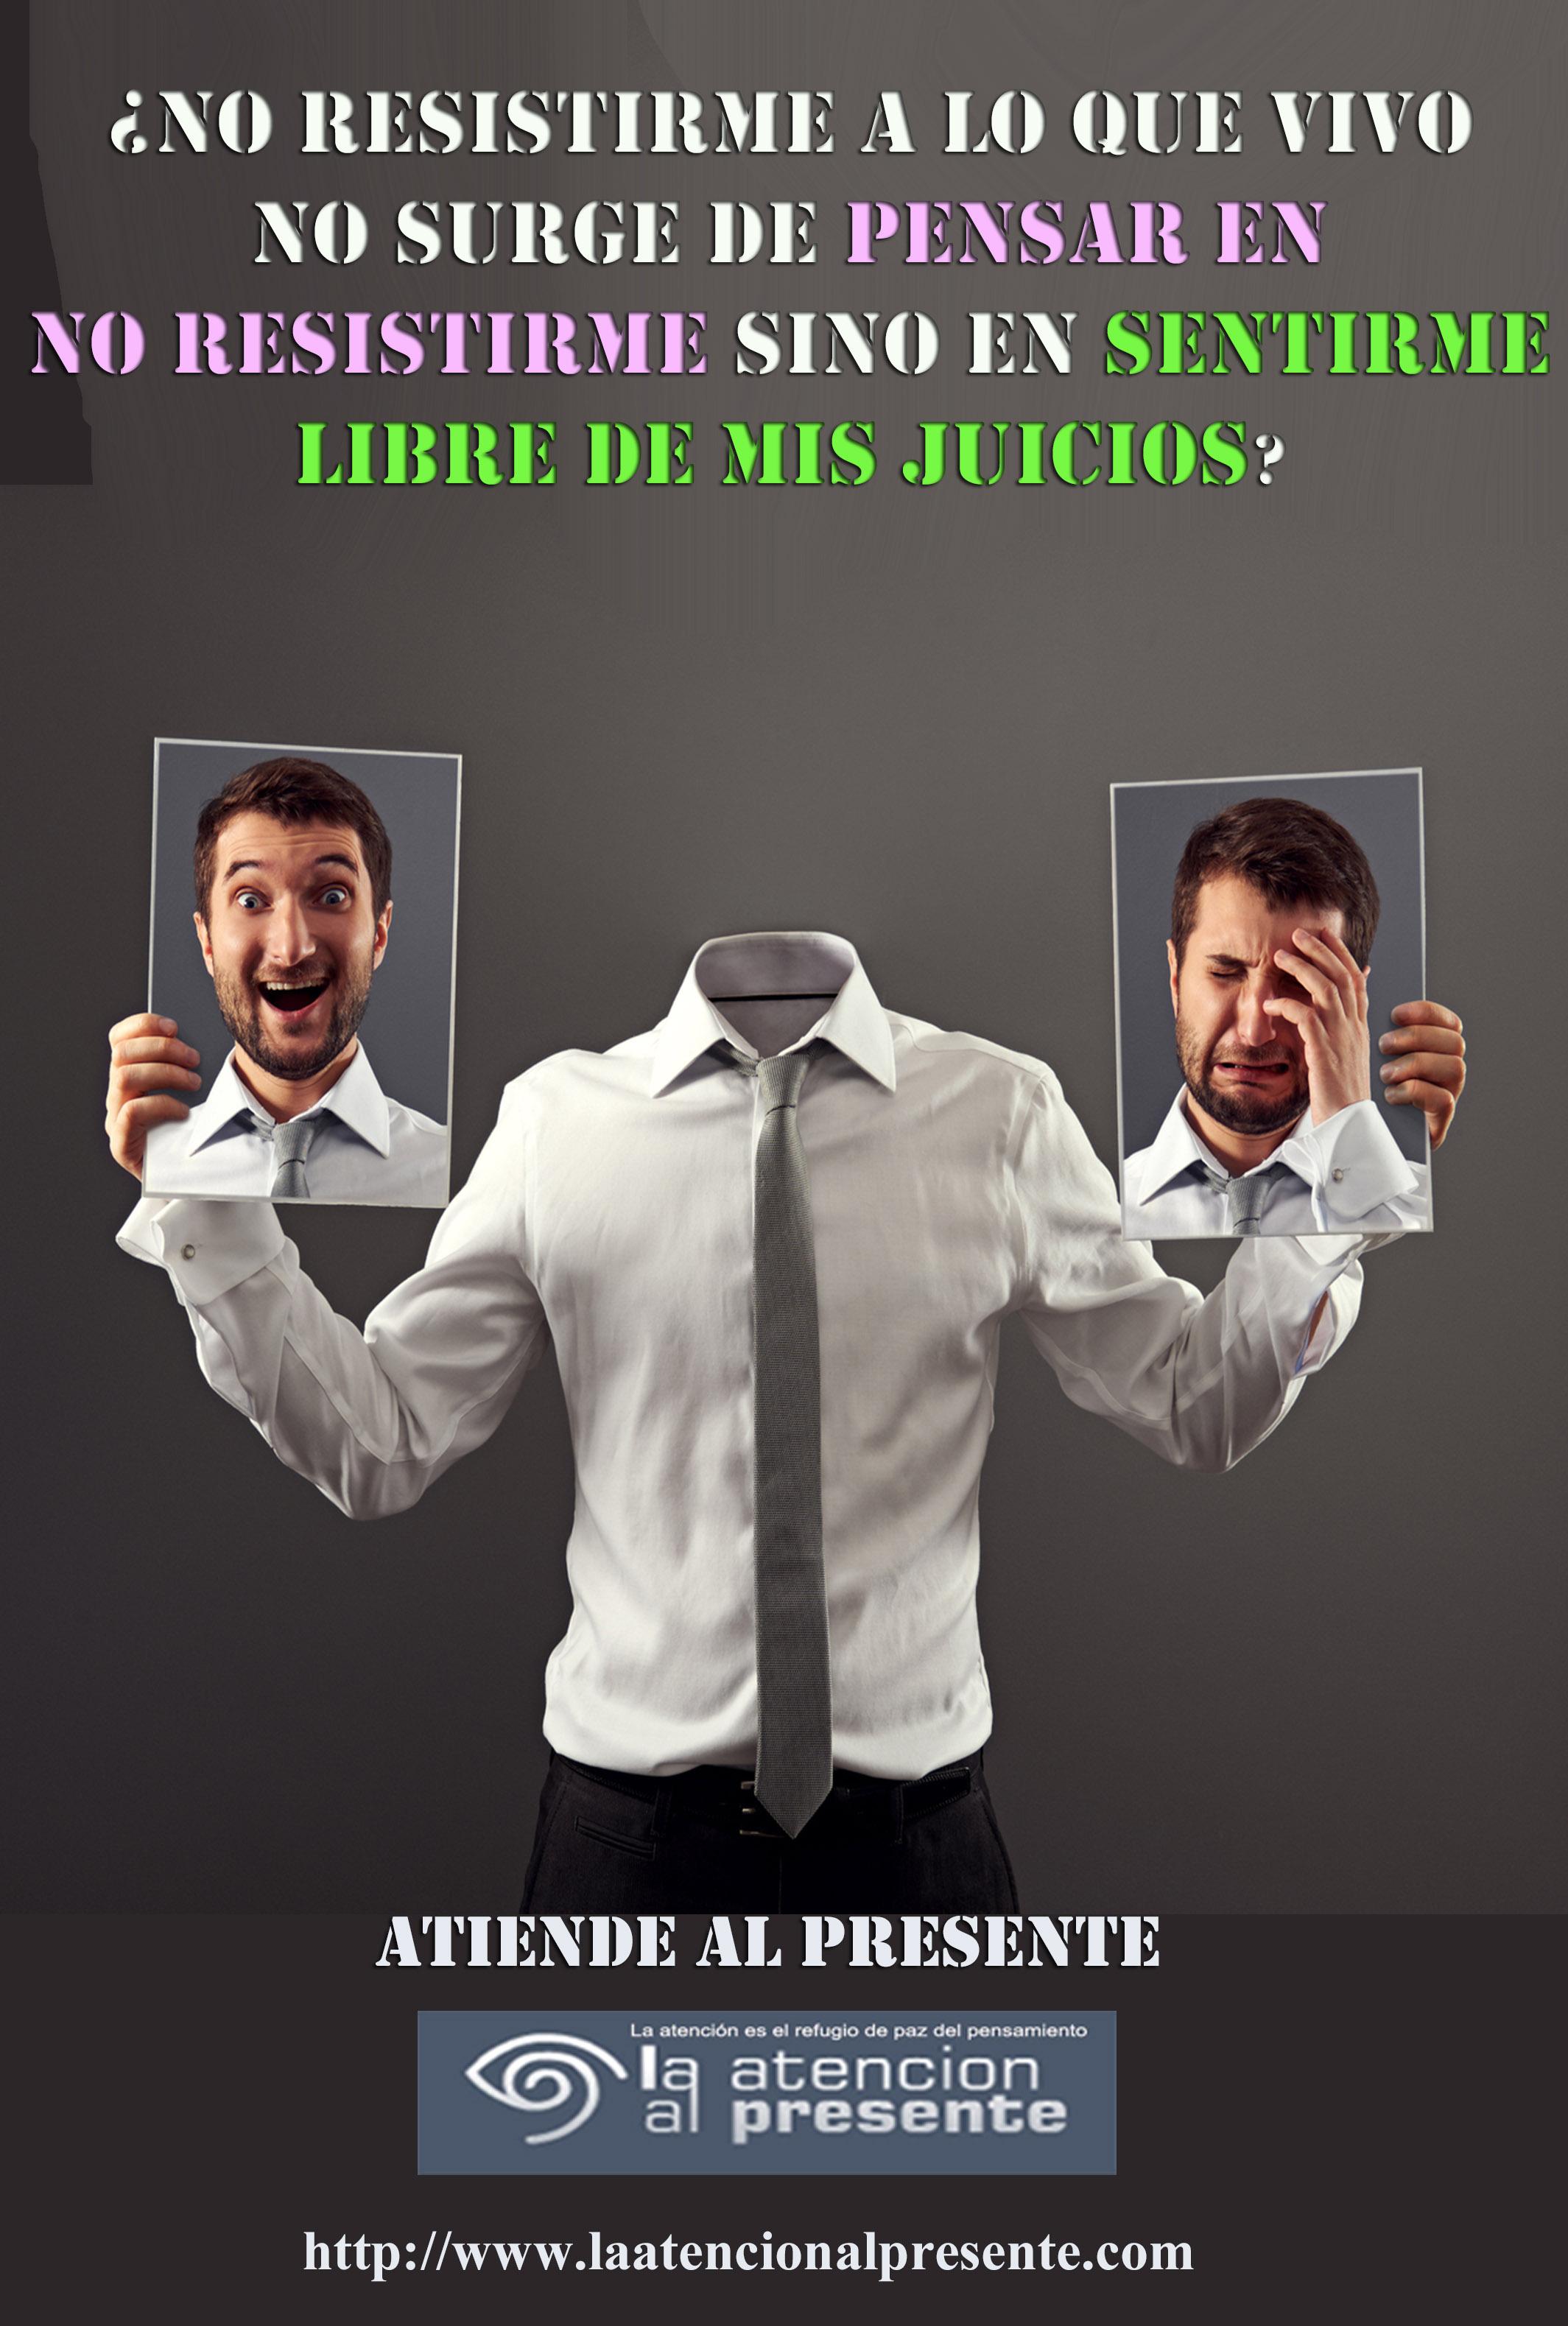 13 de noviembre Pepe No resistirme a lo que vivo NO surge de PENSAR en NO RESISTIRME sino en SENTIRME LIBRE de mis JUICIOS